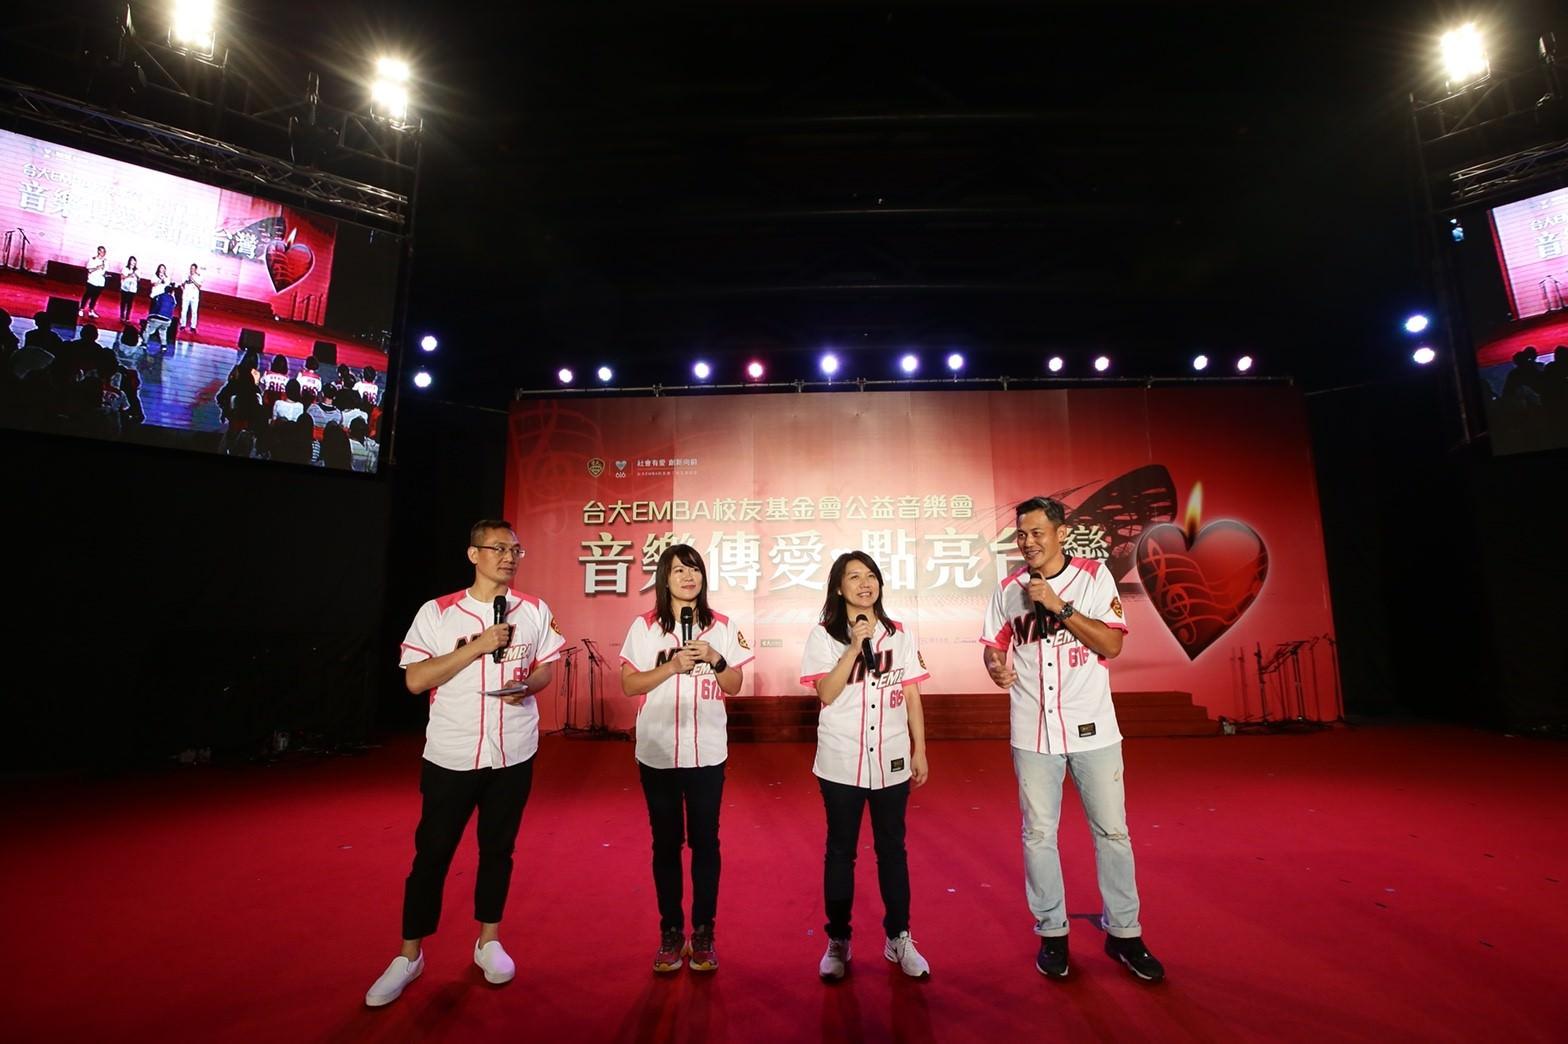 「音樂傳愛,點亮台灣」捐贈芳名錄